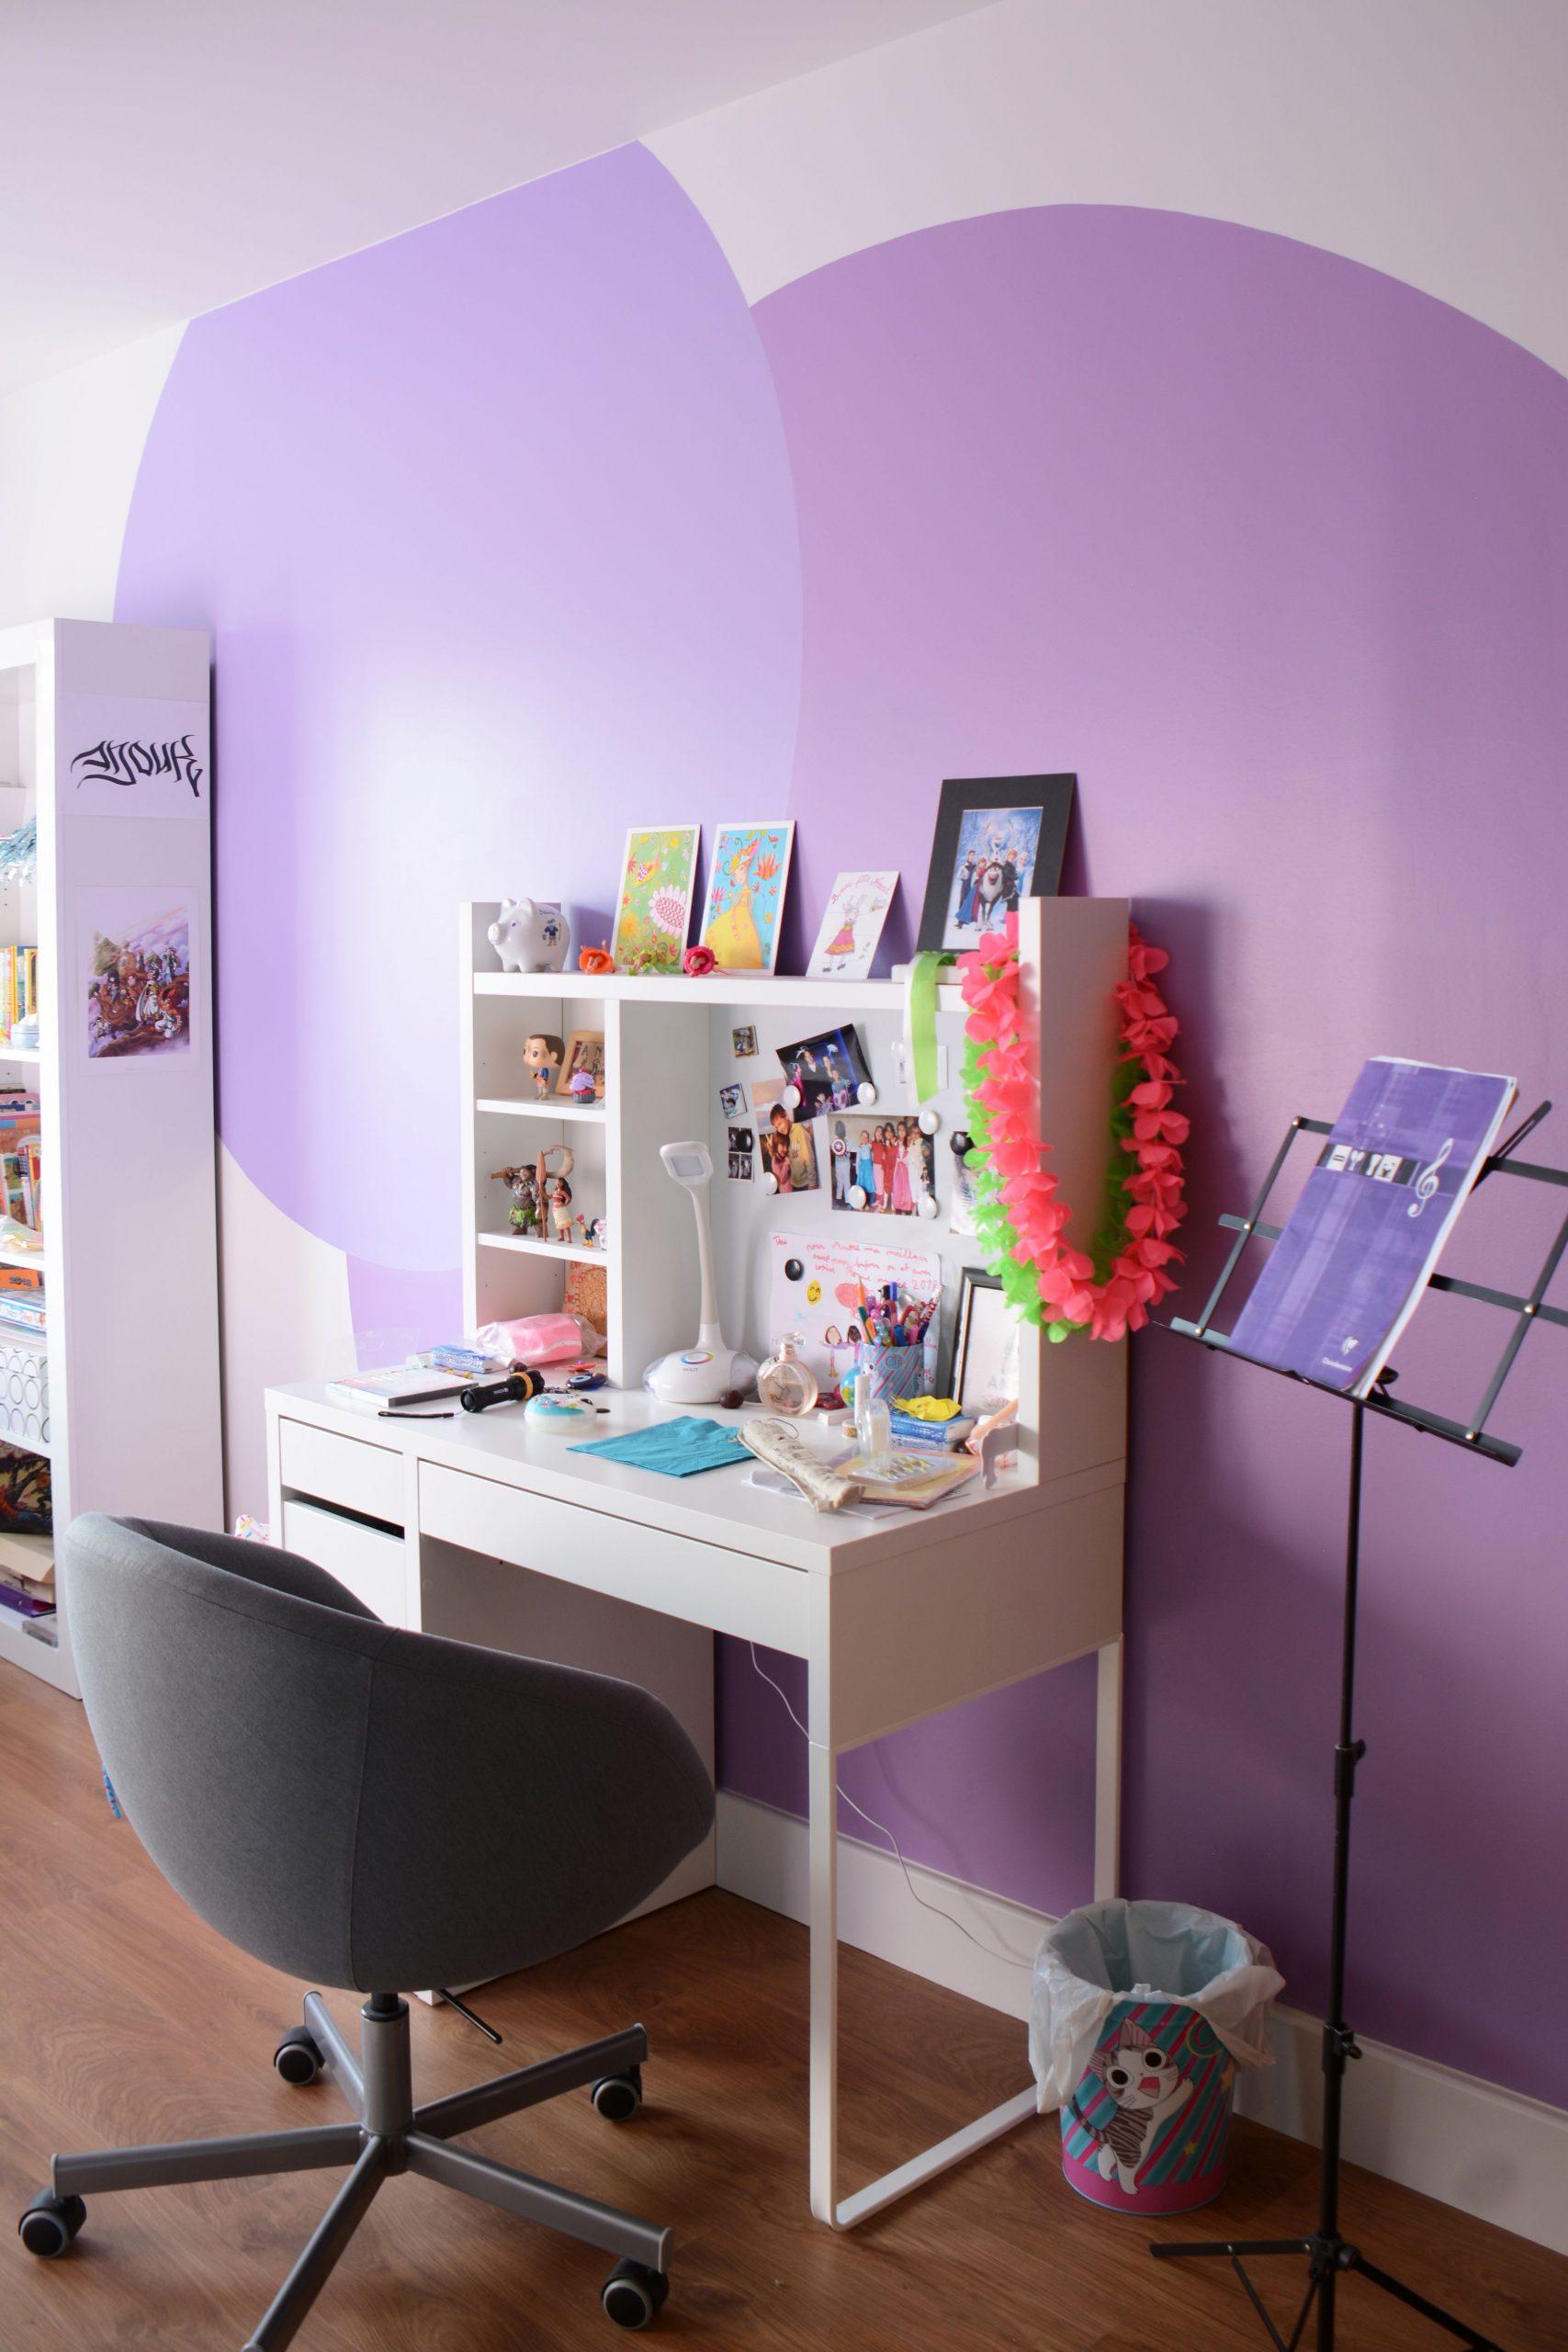 Rénovation En Peinture Pour La Chambre D'enfant De La Maison encequiconcerne Jeux De Peinture Pour Fille